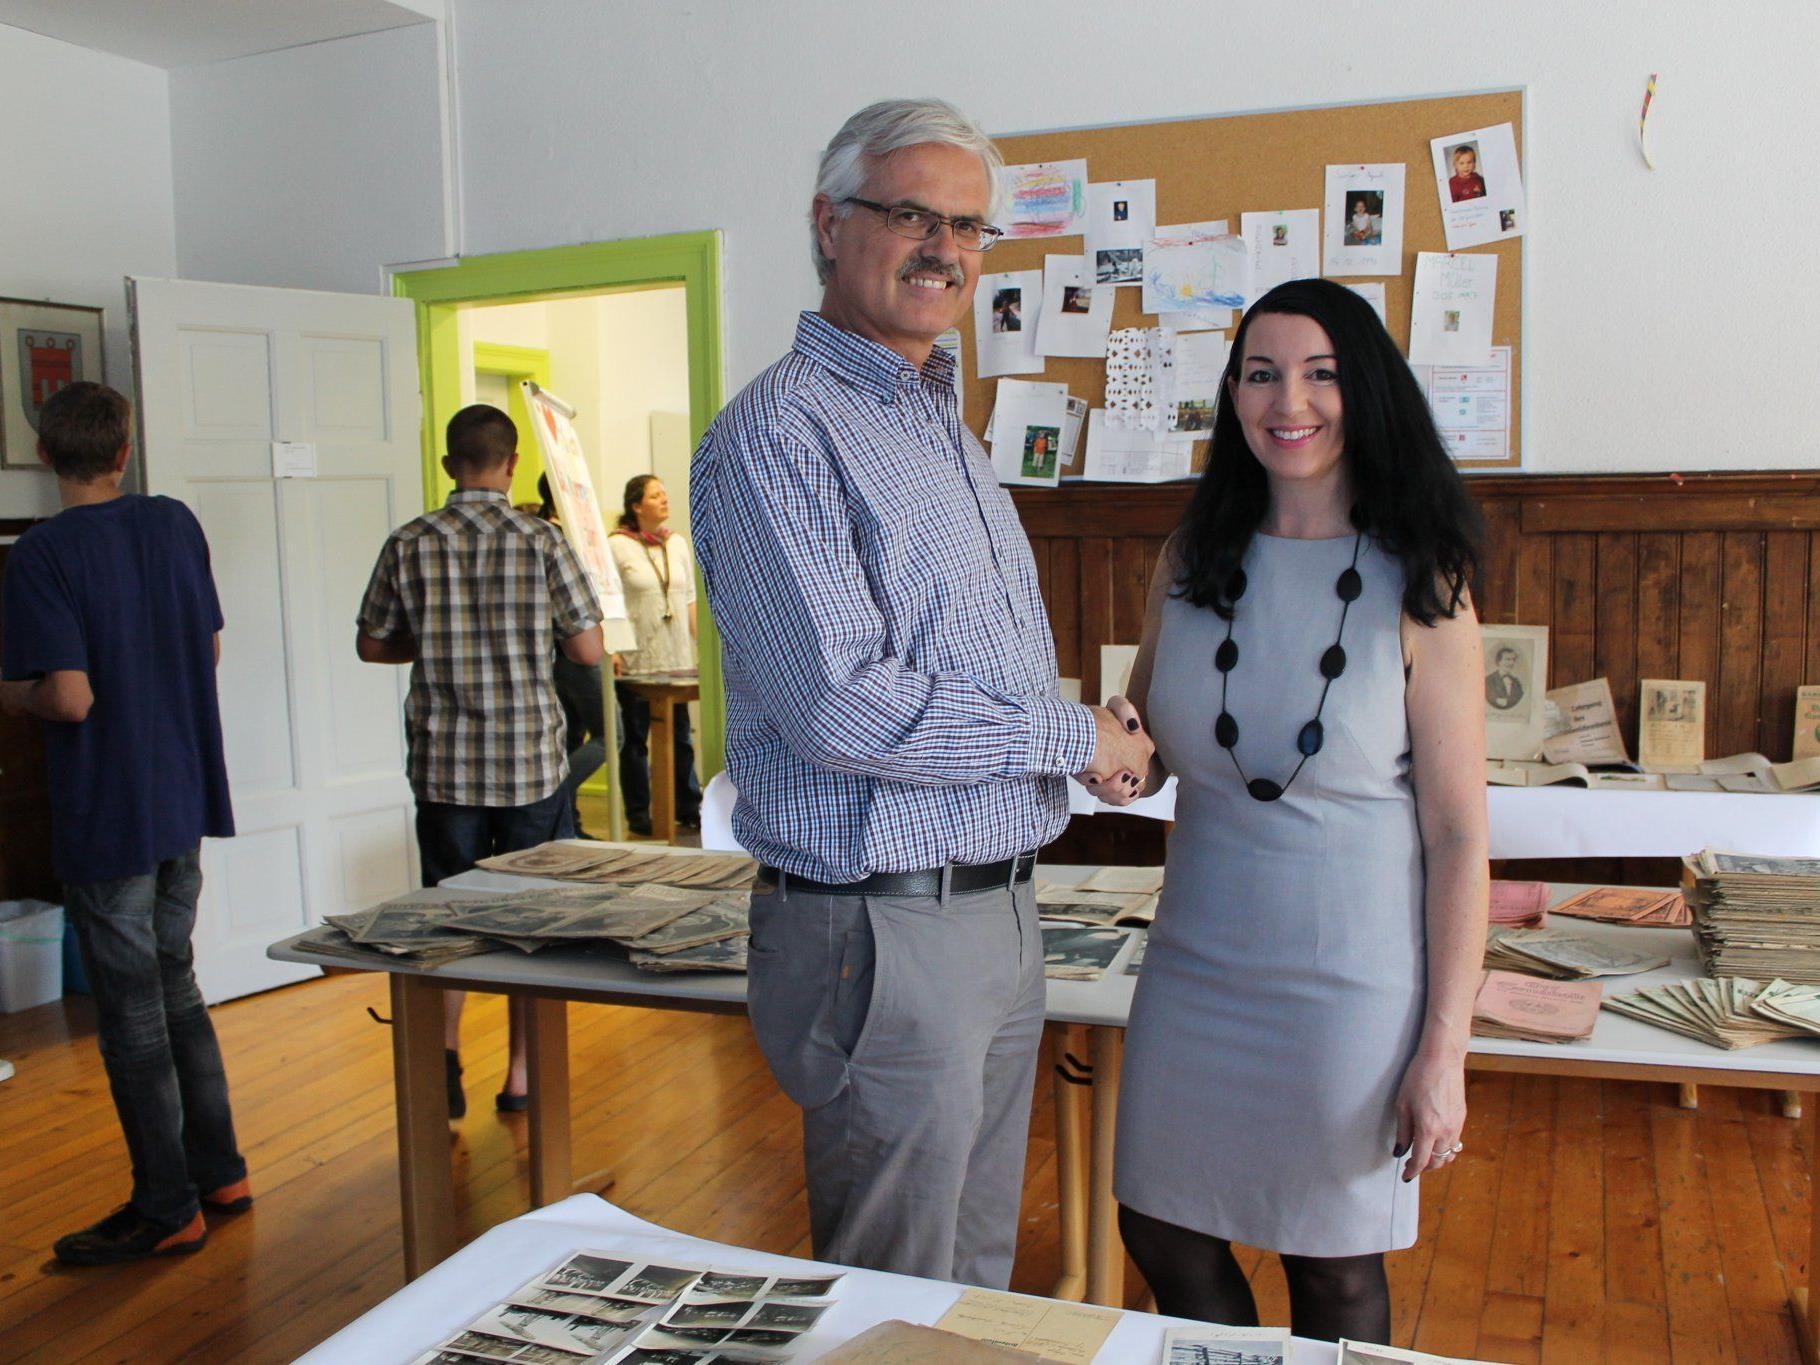 Dr. Manfred Tschaikner bedankte sich bei der Lehrerin für ihren Einsatz